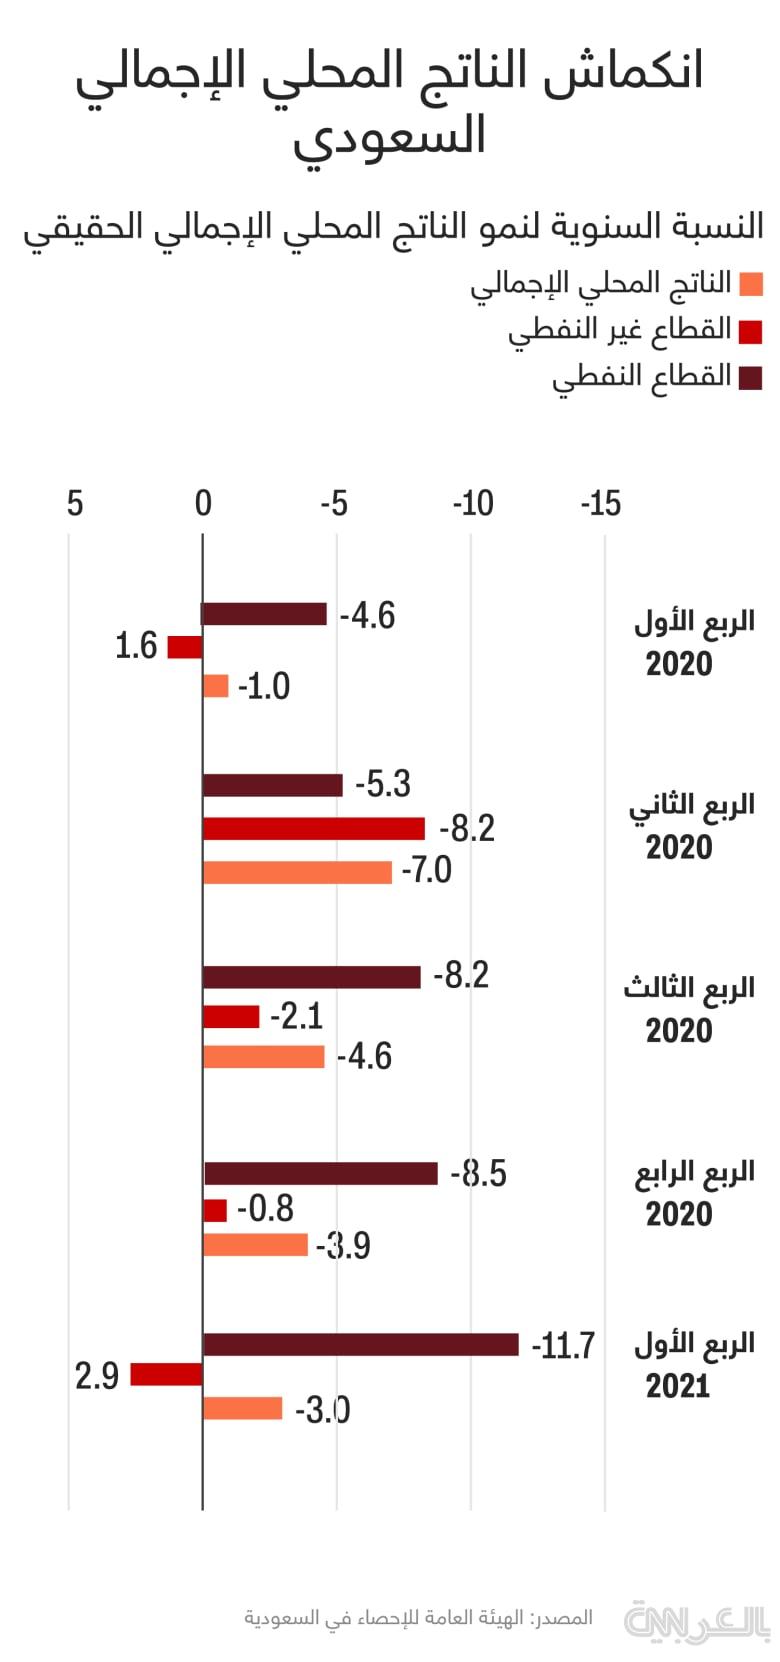 saudi-gdp-Q1-2021